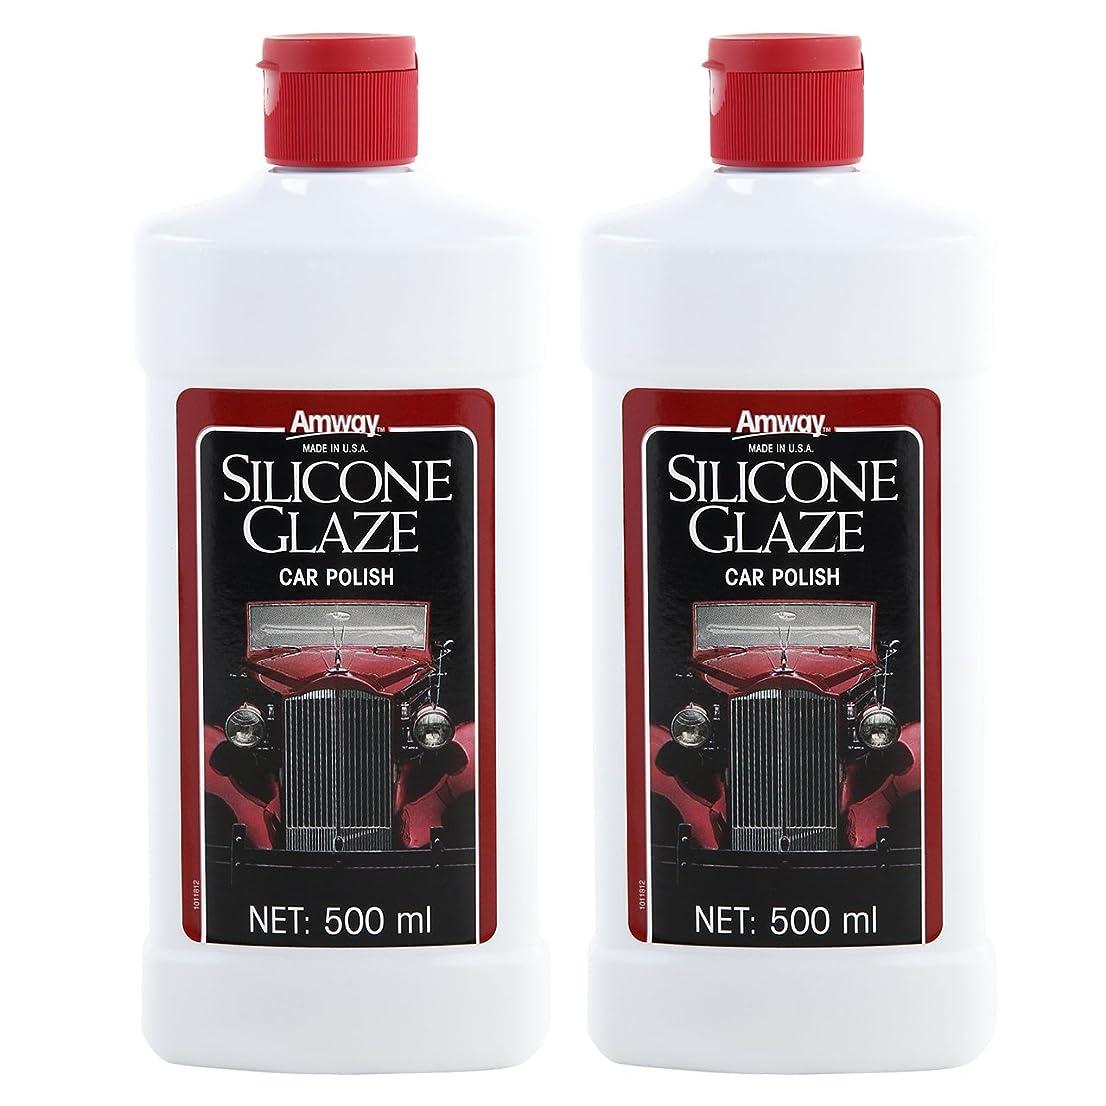 案件しばしば可動式アムウェイ シリコングレイズ 車 カー ワックス Amway SILICONE GLAZE 2個セット 国内廃番商品